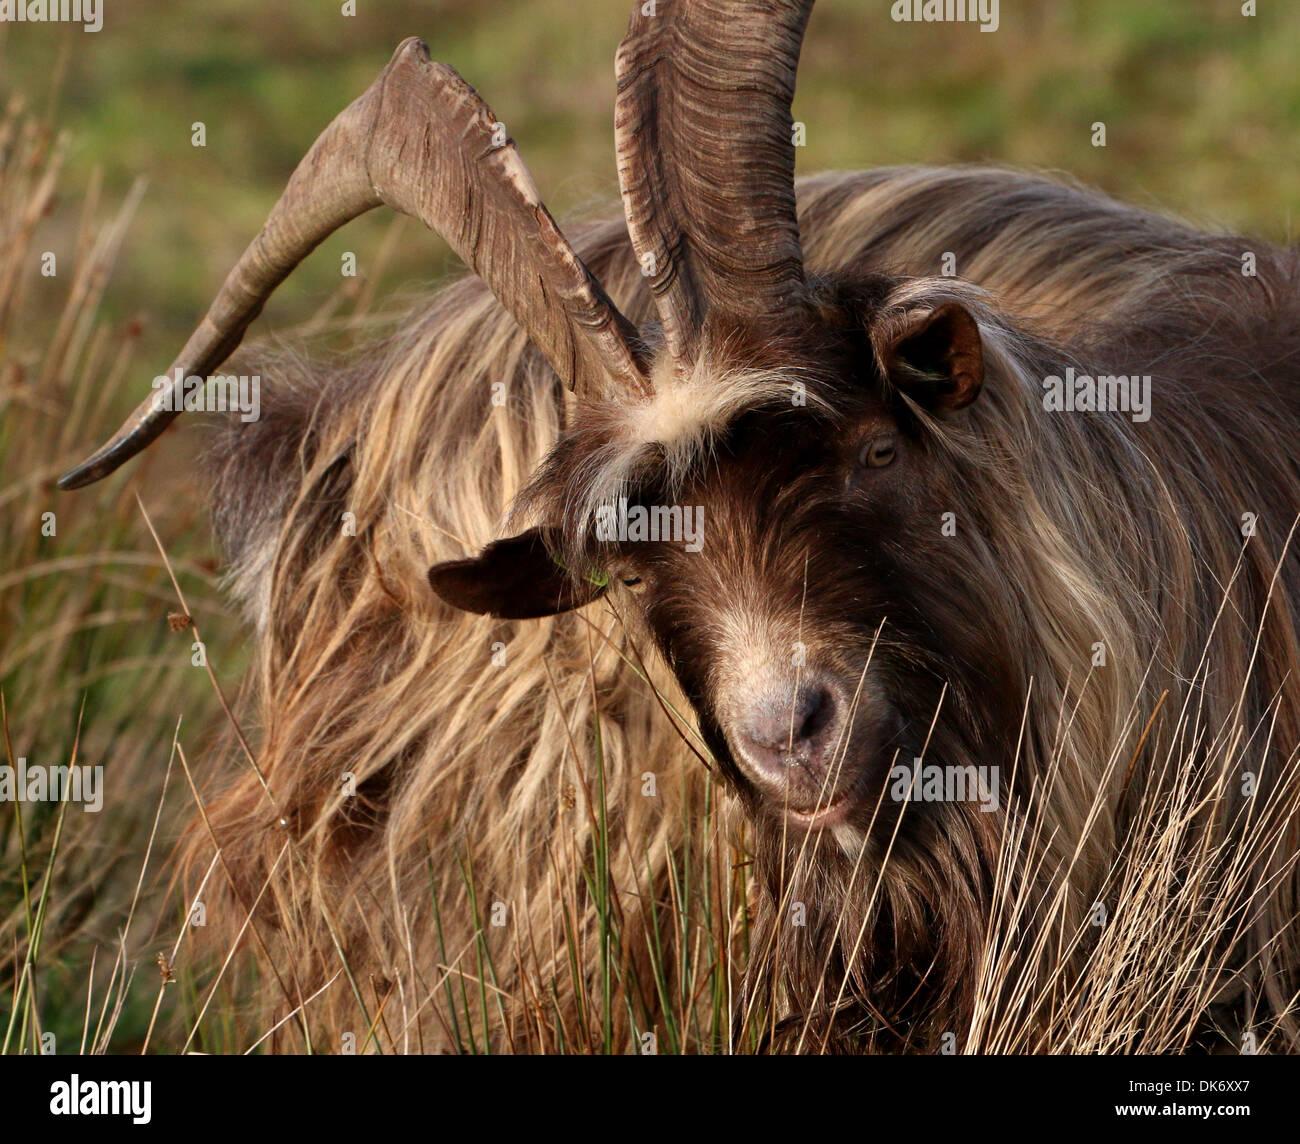 Gros plan de la tête et le haut du corps d'un homme bouc dans un troupeau de chèvres Landrace Néerlandais Photo Stock